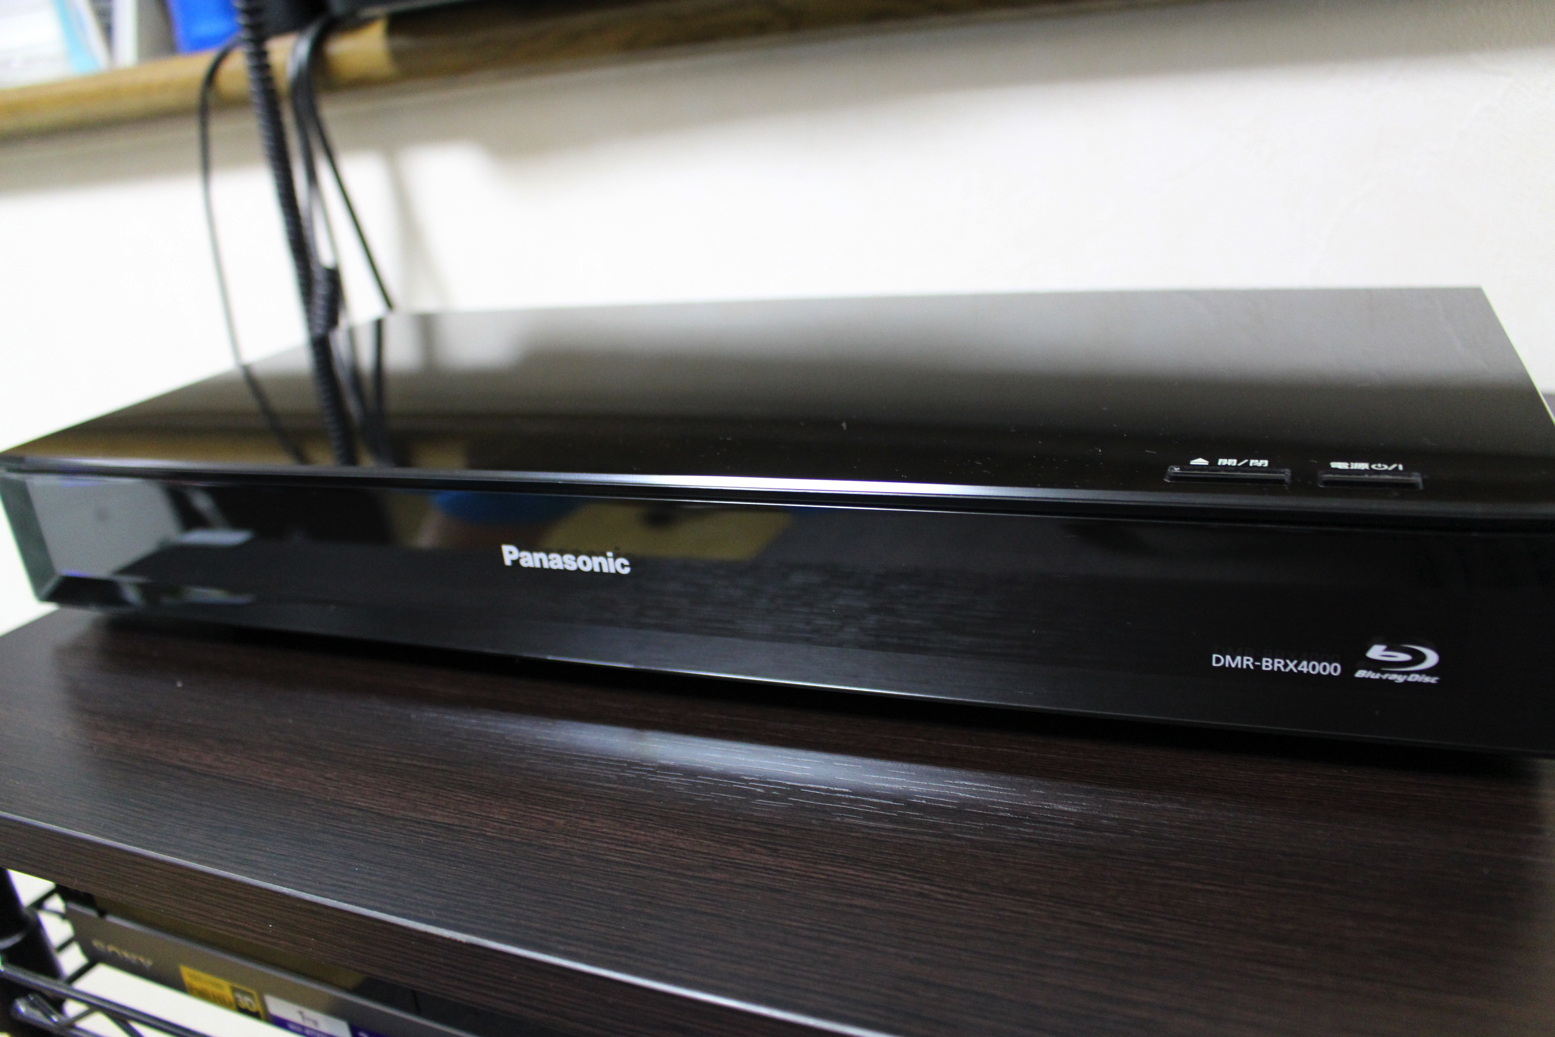 パナソニック全録BDレコーダーの最新型『DIGA DMR-BRX4000』を試す